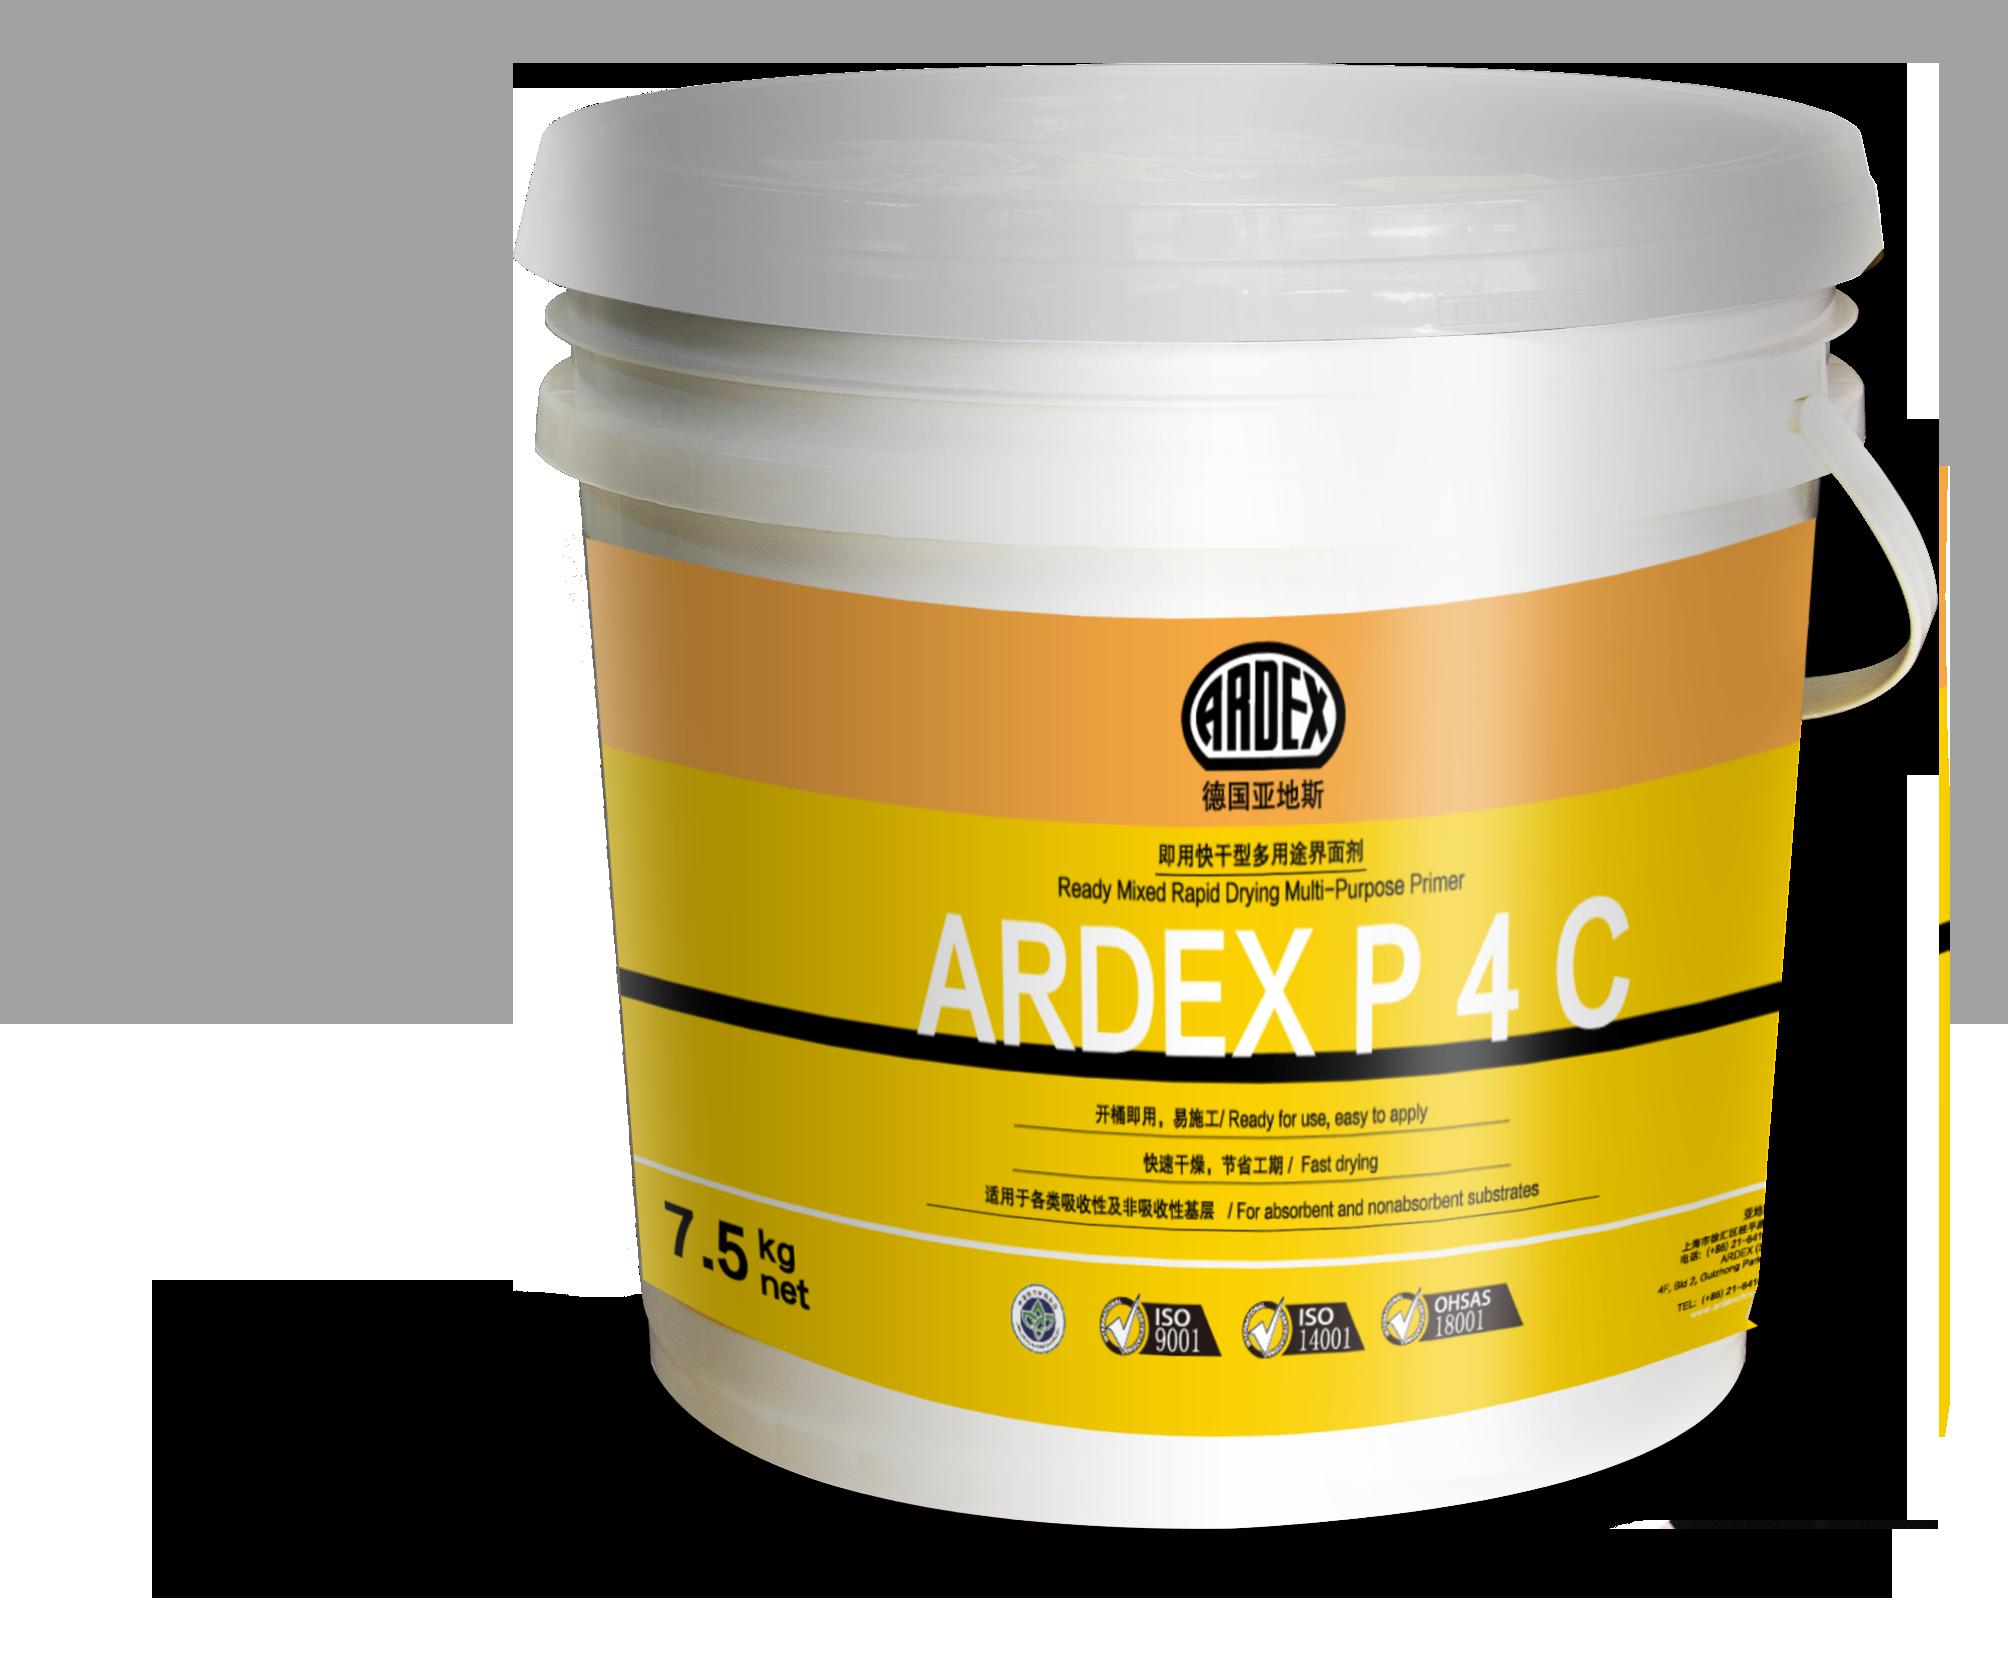 ARDEX P 4 C